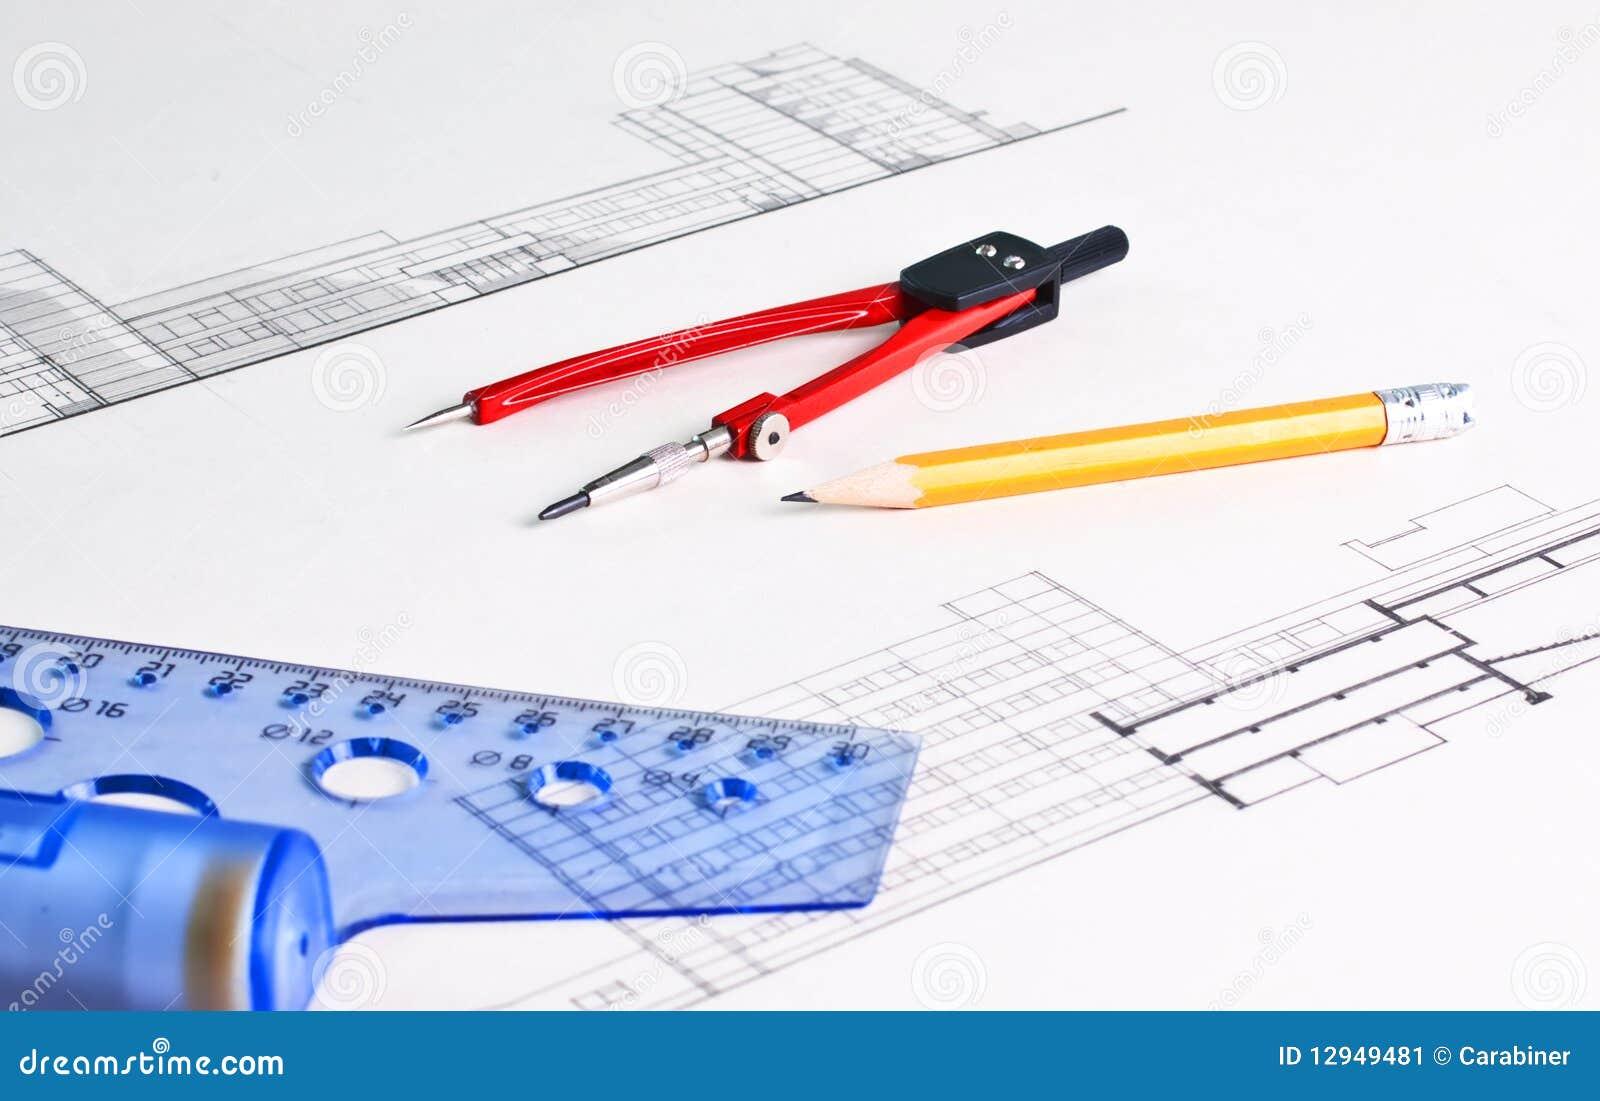 Architektoniczny rysunek